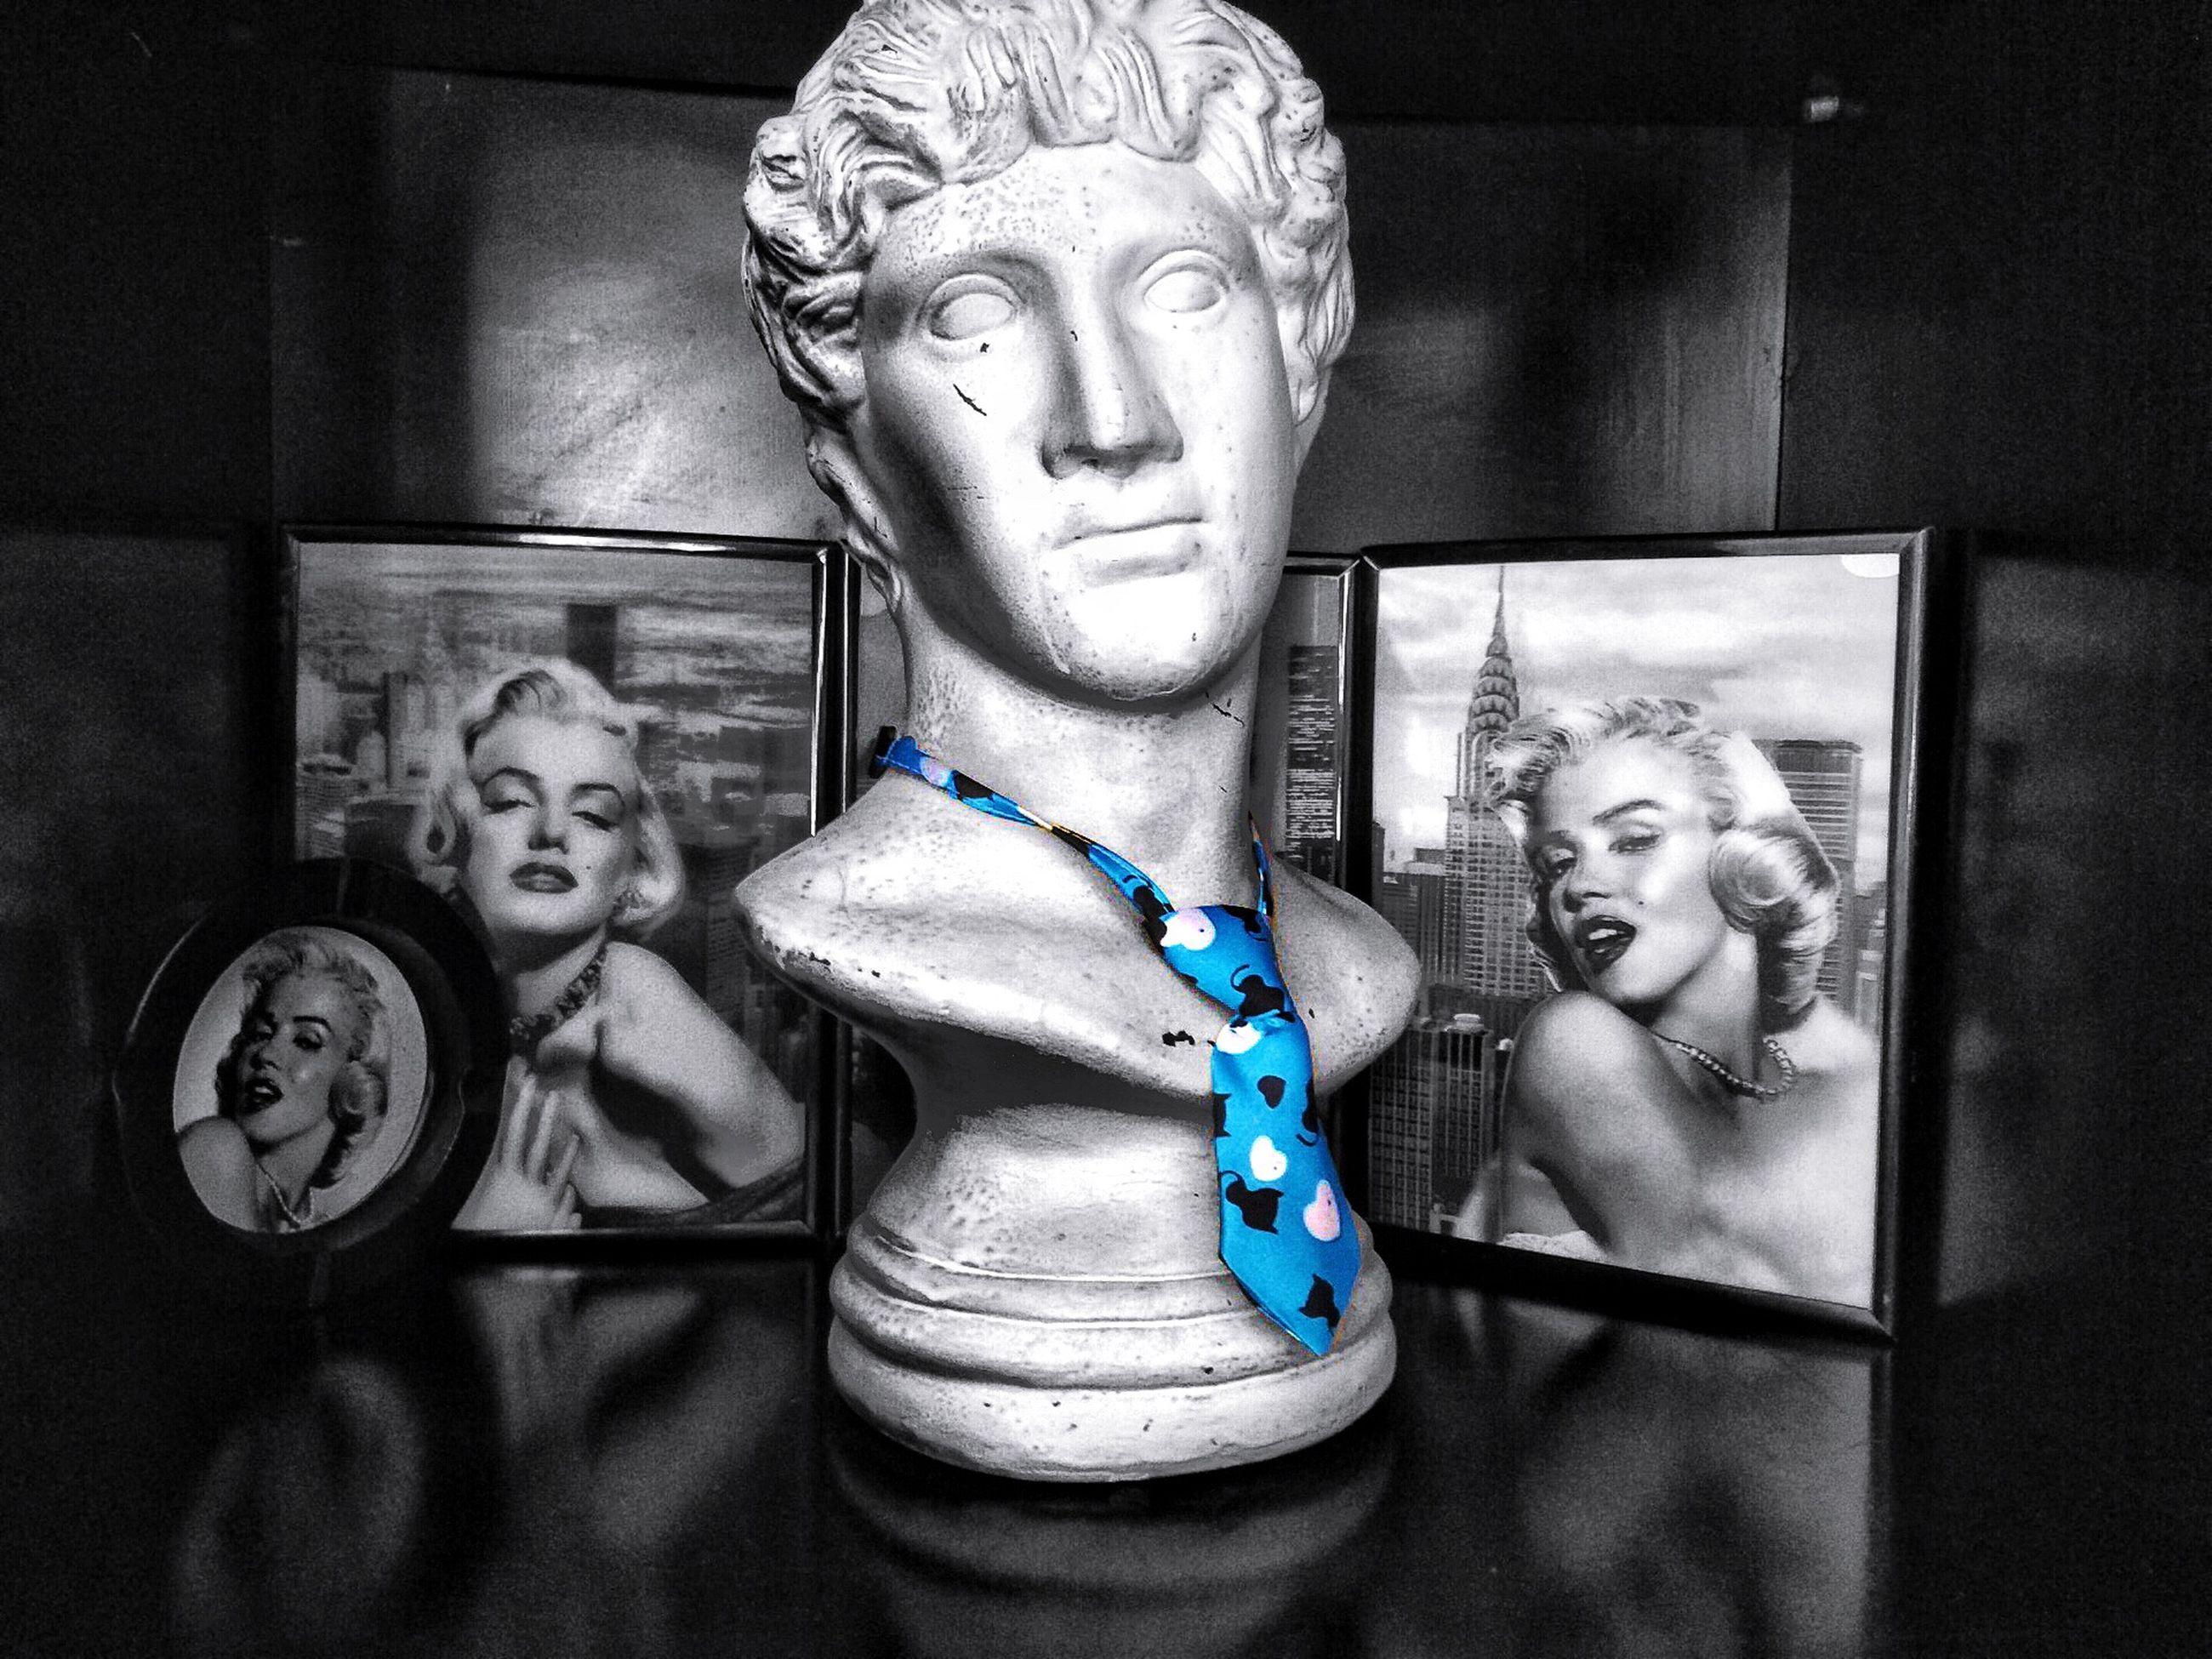 Fotografia Contemporáneo Marylin Monroe Corbata De Gato Estatua Blackandwhite Litlecolor Eyemphotography Eyem Best Shots una fotografía entre casual y preparada :)